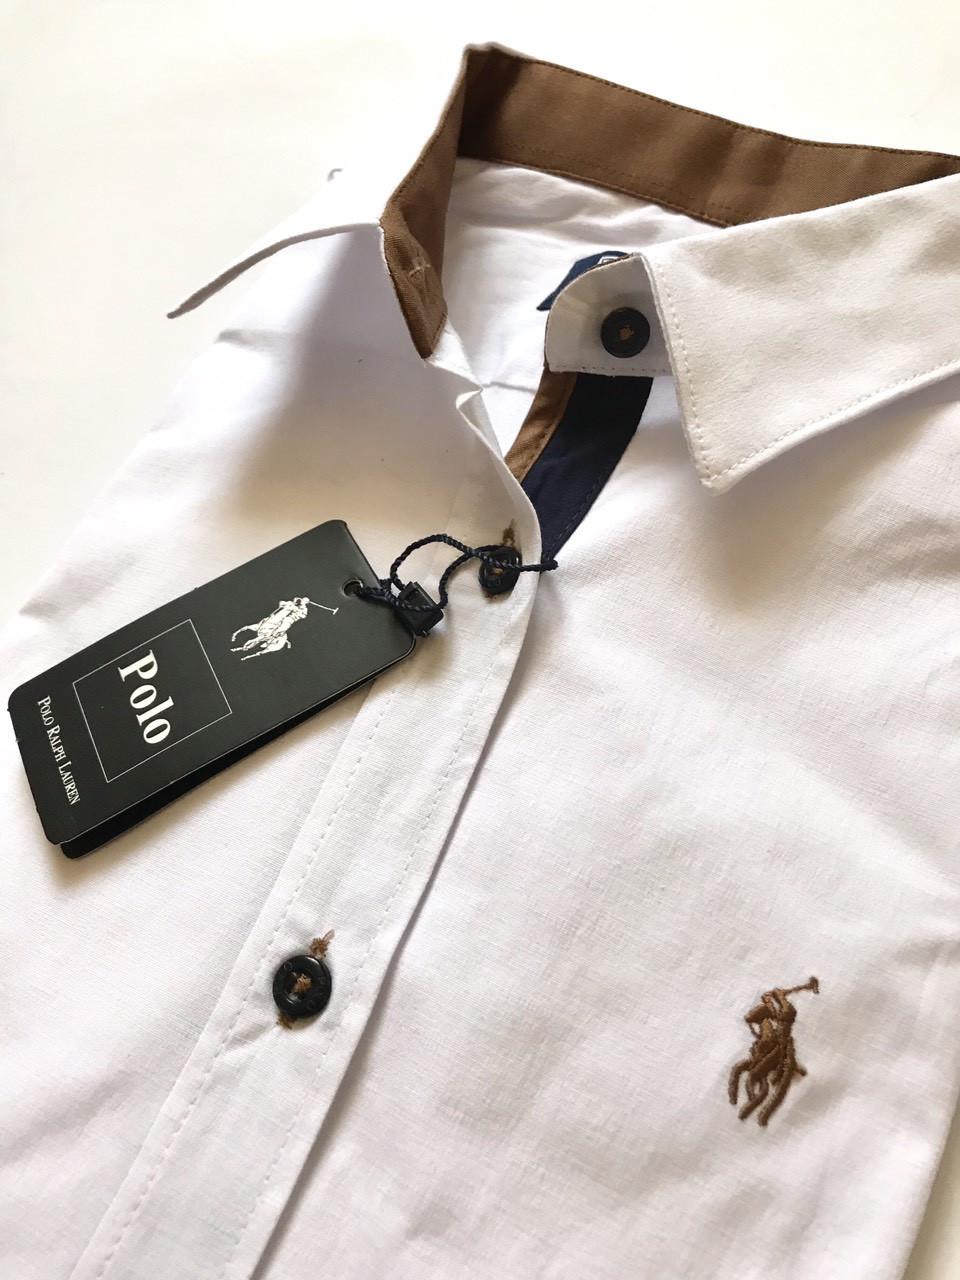 013c777cd076397 Женская рубашка Polo Ralph Lauren белая с бежевой эмблемой, цена 650 грн.,  купить в Запорожье — Prom.ua (ID#955490834)